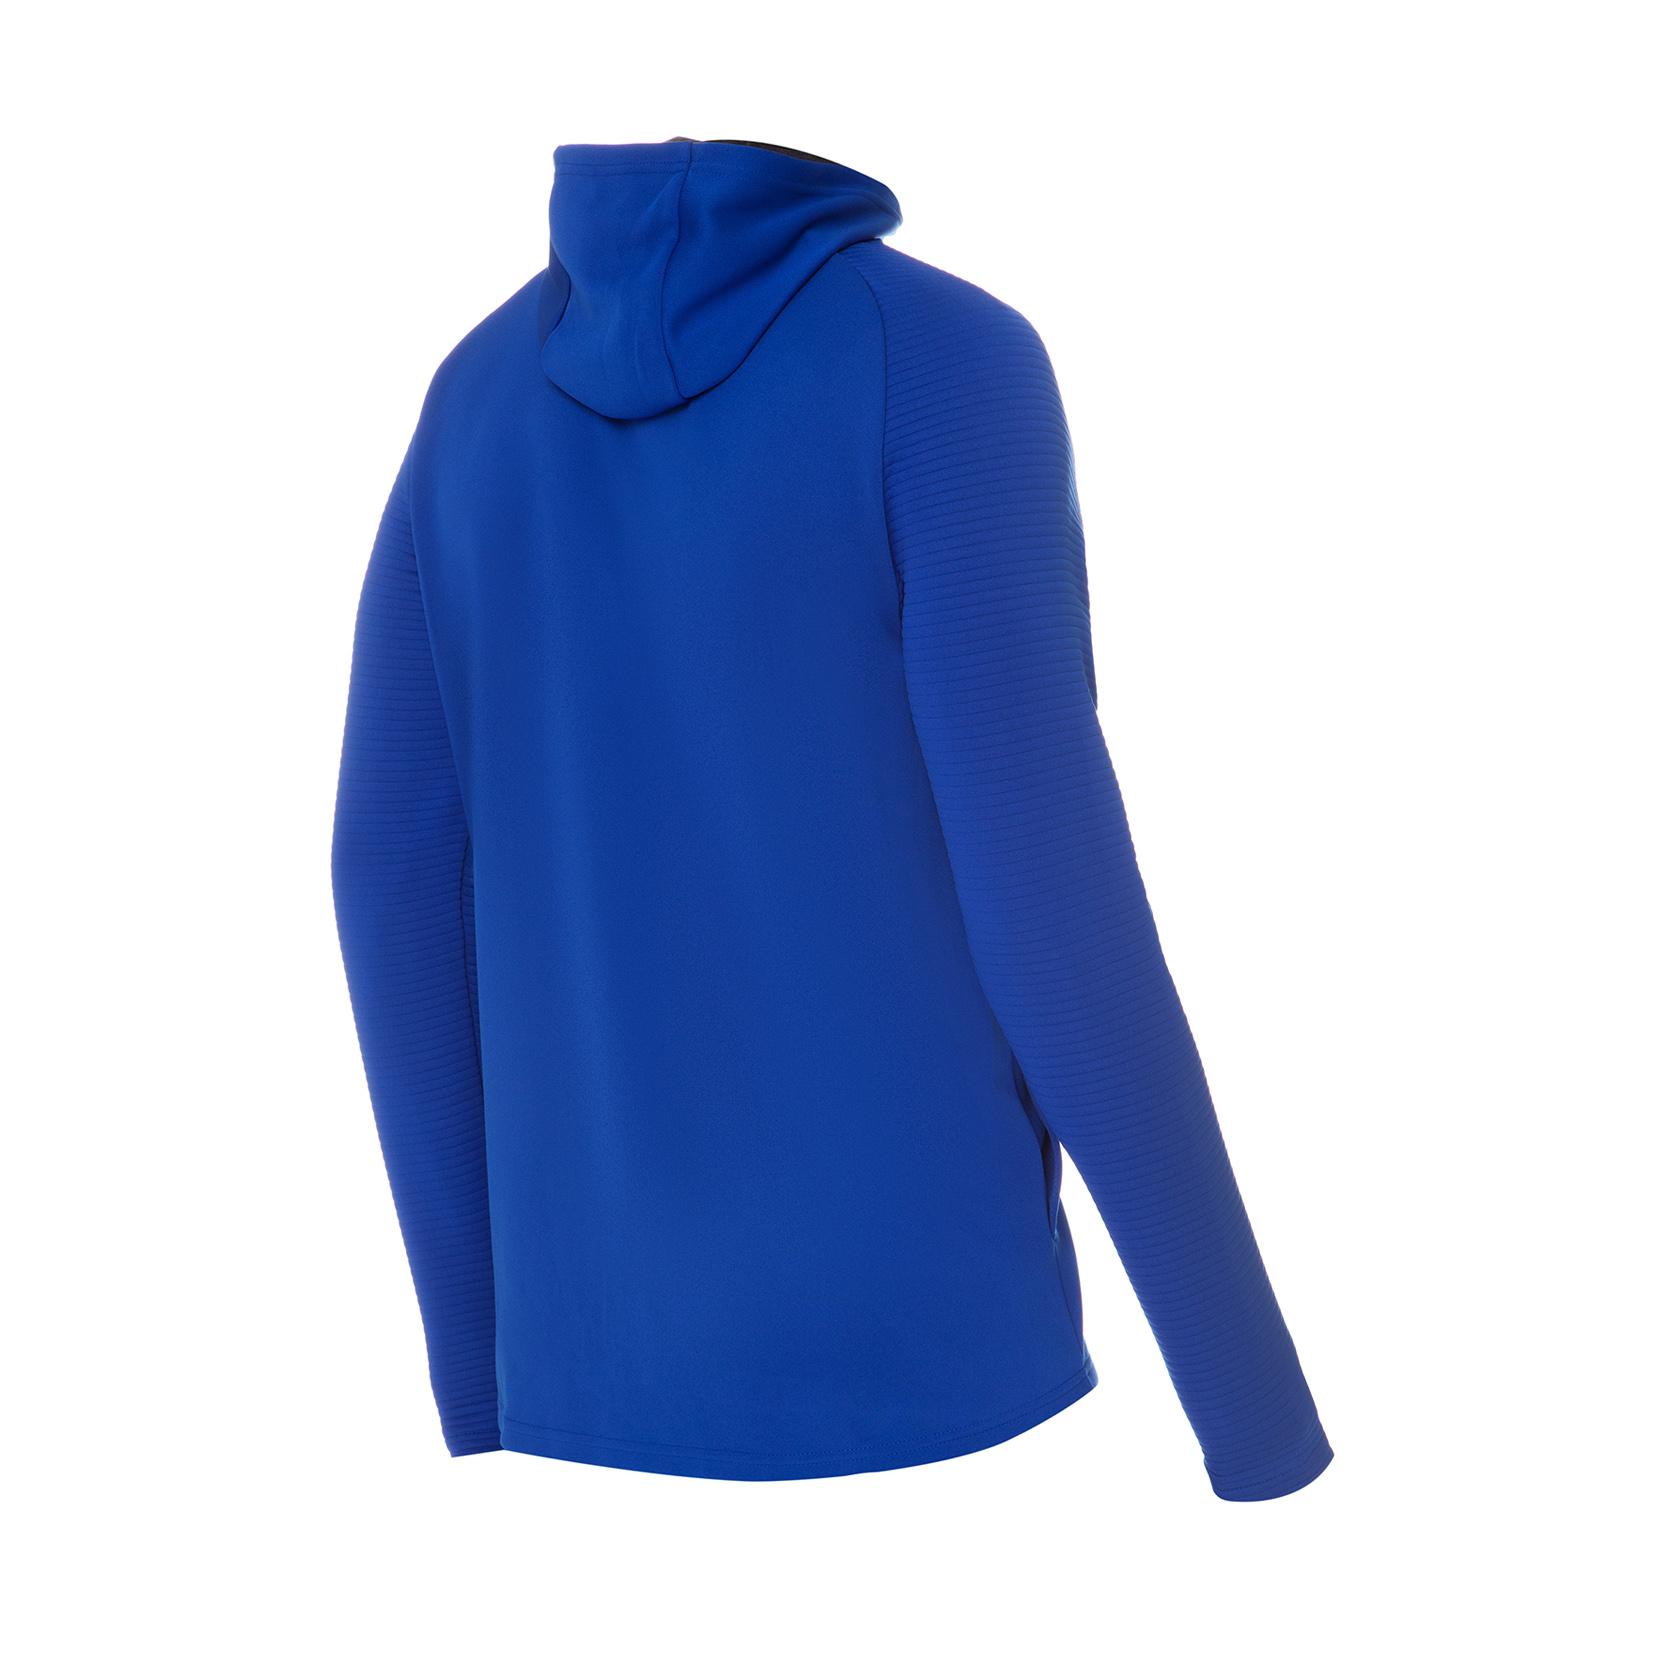 Куртка Presentation FZ для чоловіків MJ931537STW | New Balance